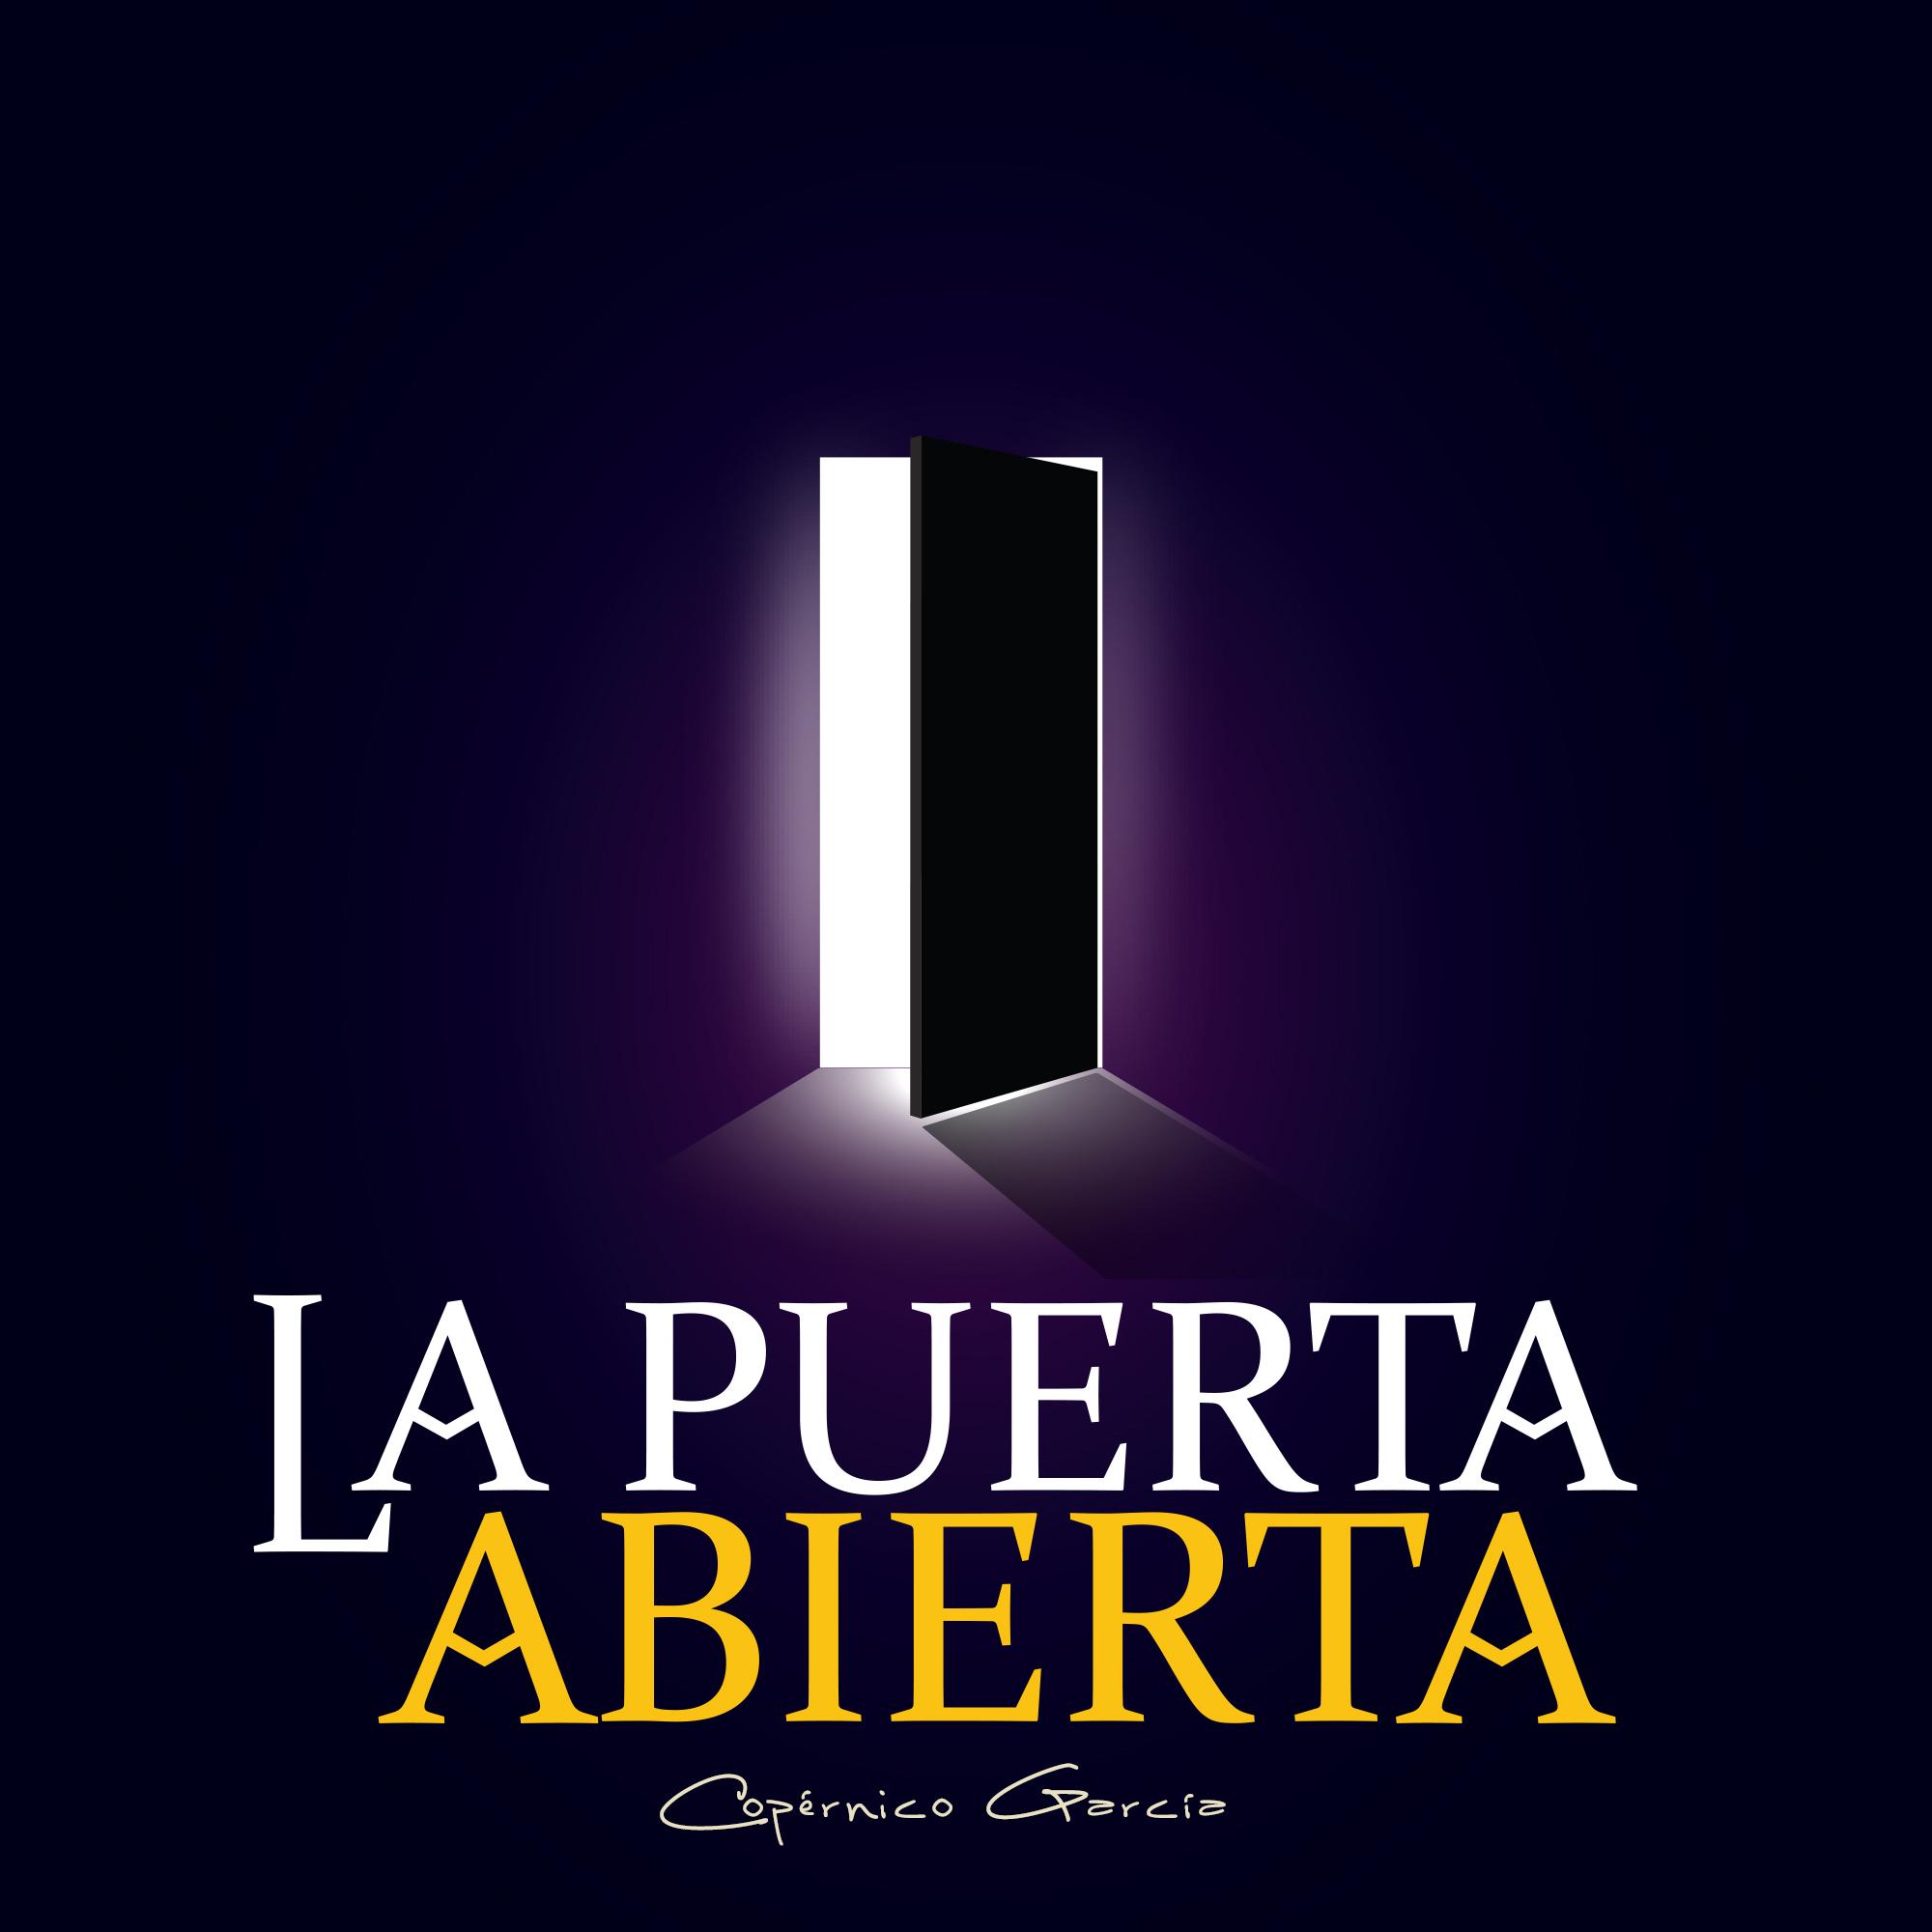 La Puerta Abierta (Ciencia y Misterio) Audio/Video